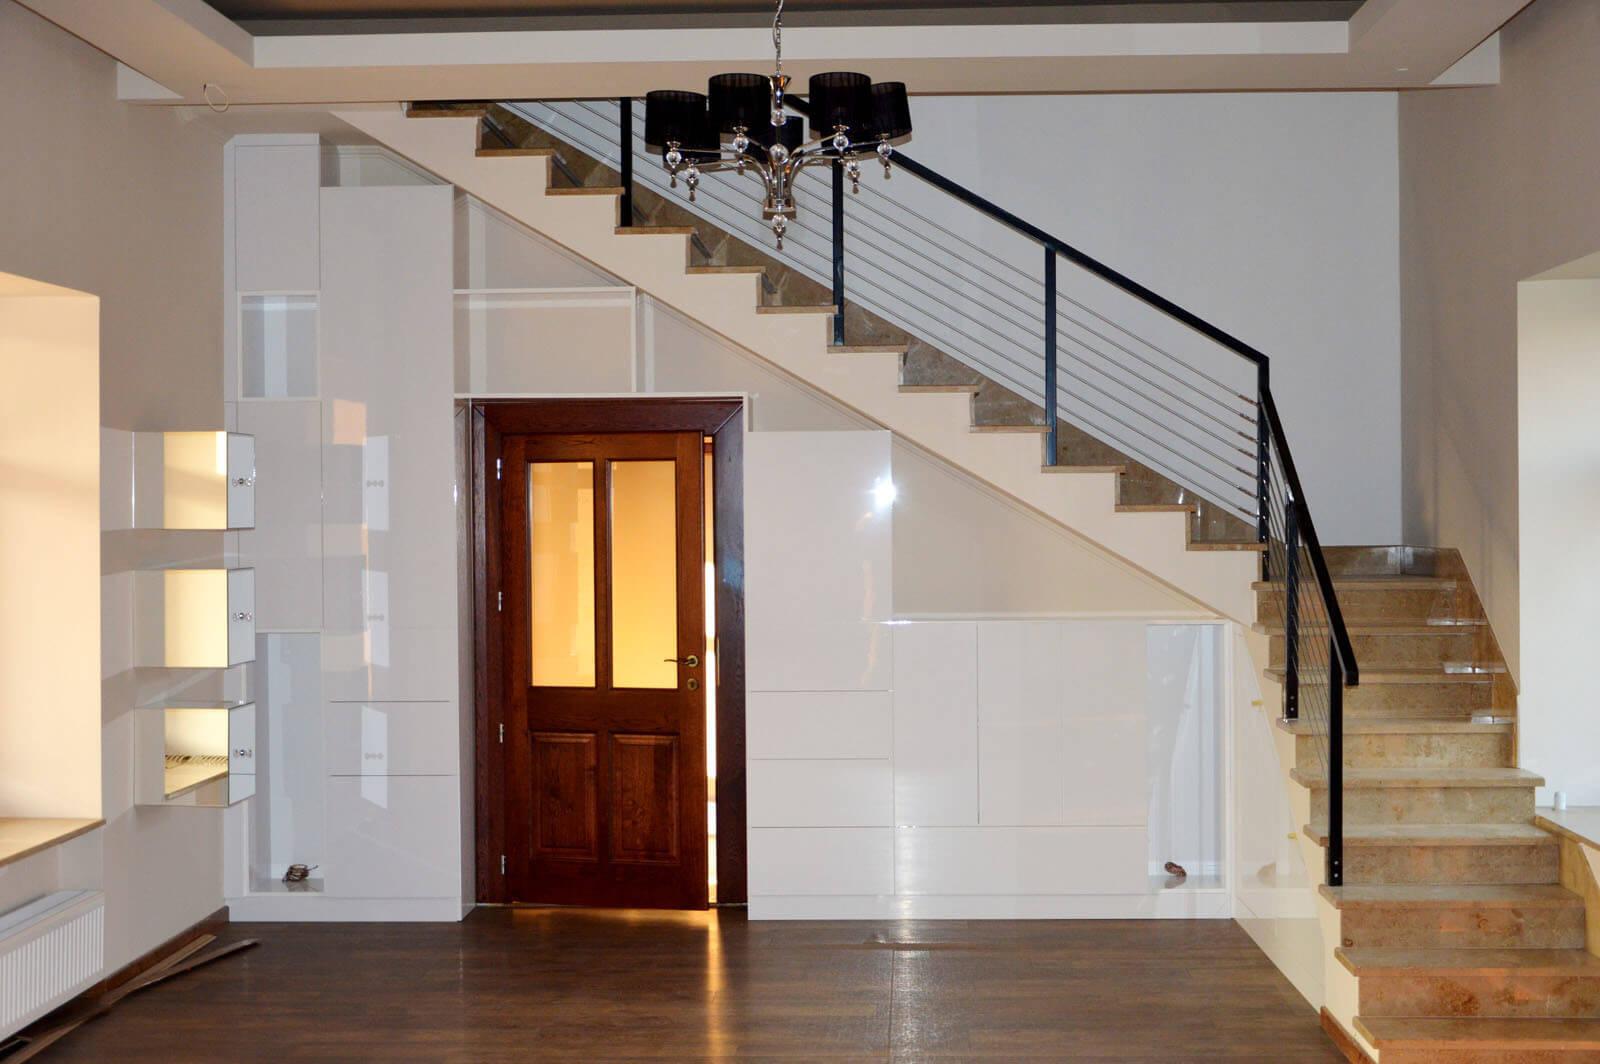 """Egyedi szobabútor készítés lépcső alatti rész kihasználásával, """"tip-on""""-os fogantyú nélküli kivitelben"""